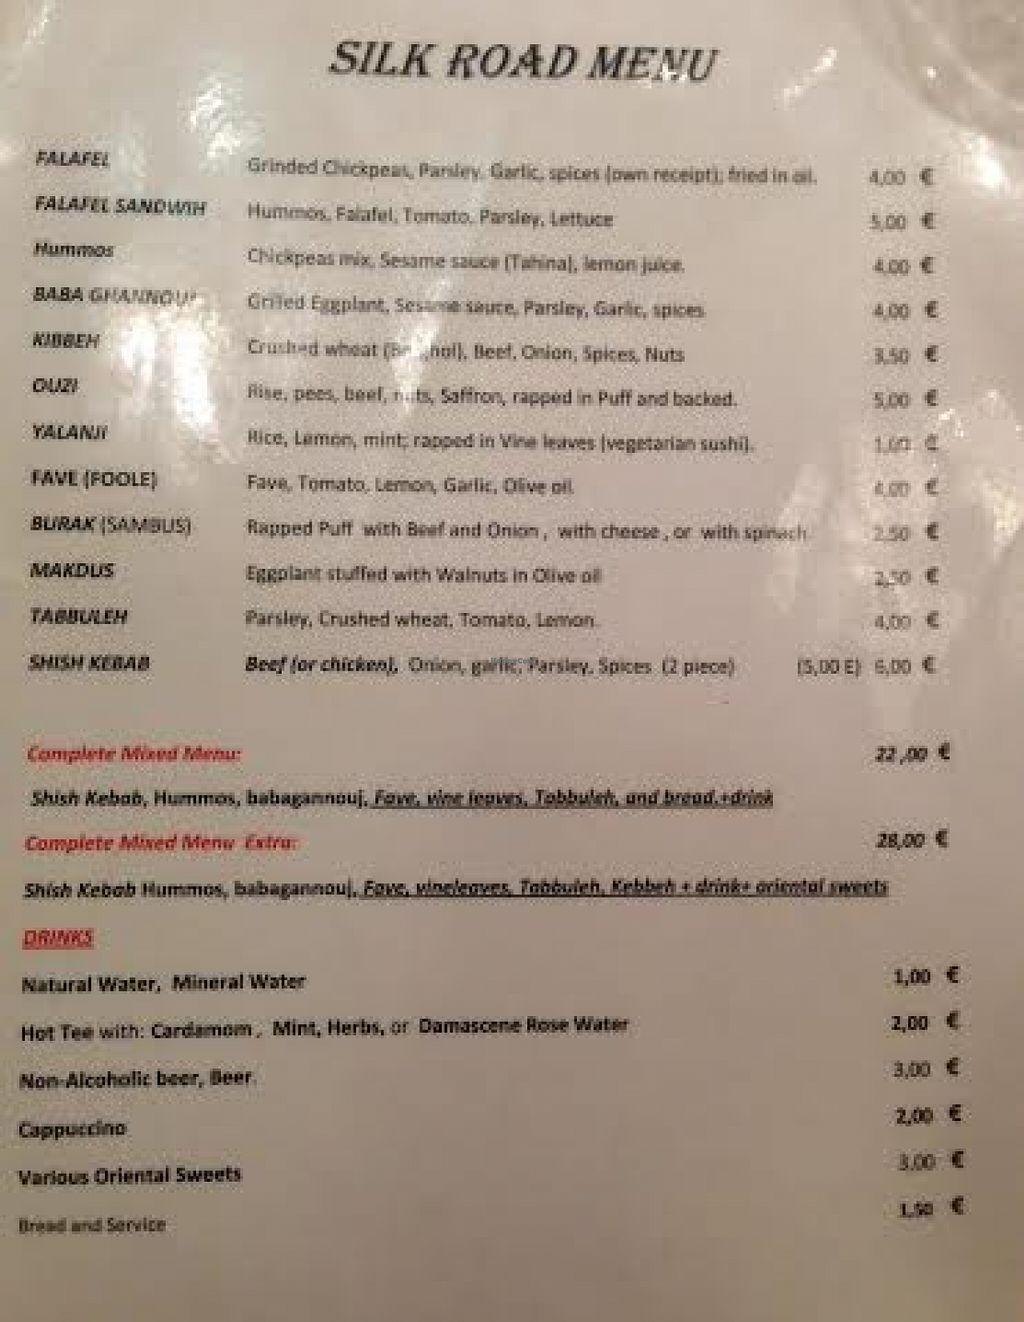 """Photo of La Via Della Seta  by <a href=""""/members/profile/Lesley%20Anne%20Jeavons"""">Lesley Anne Jeavons</a> <br/>La Via Della Seta Rome menu (translated is 'Silk Road') <br/> August 14, 2015  - <a href='/contact/abuse/image/62004/113588'>Report</a>"""